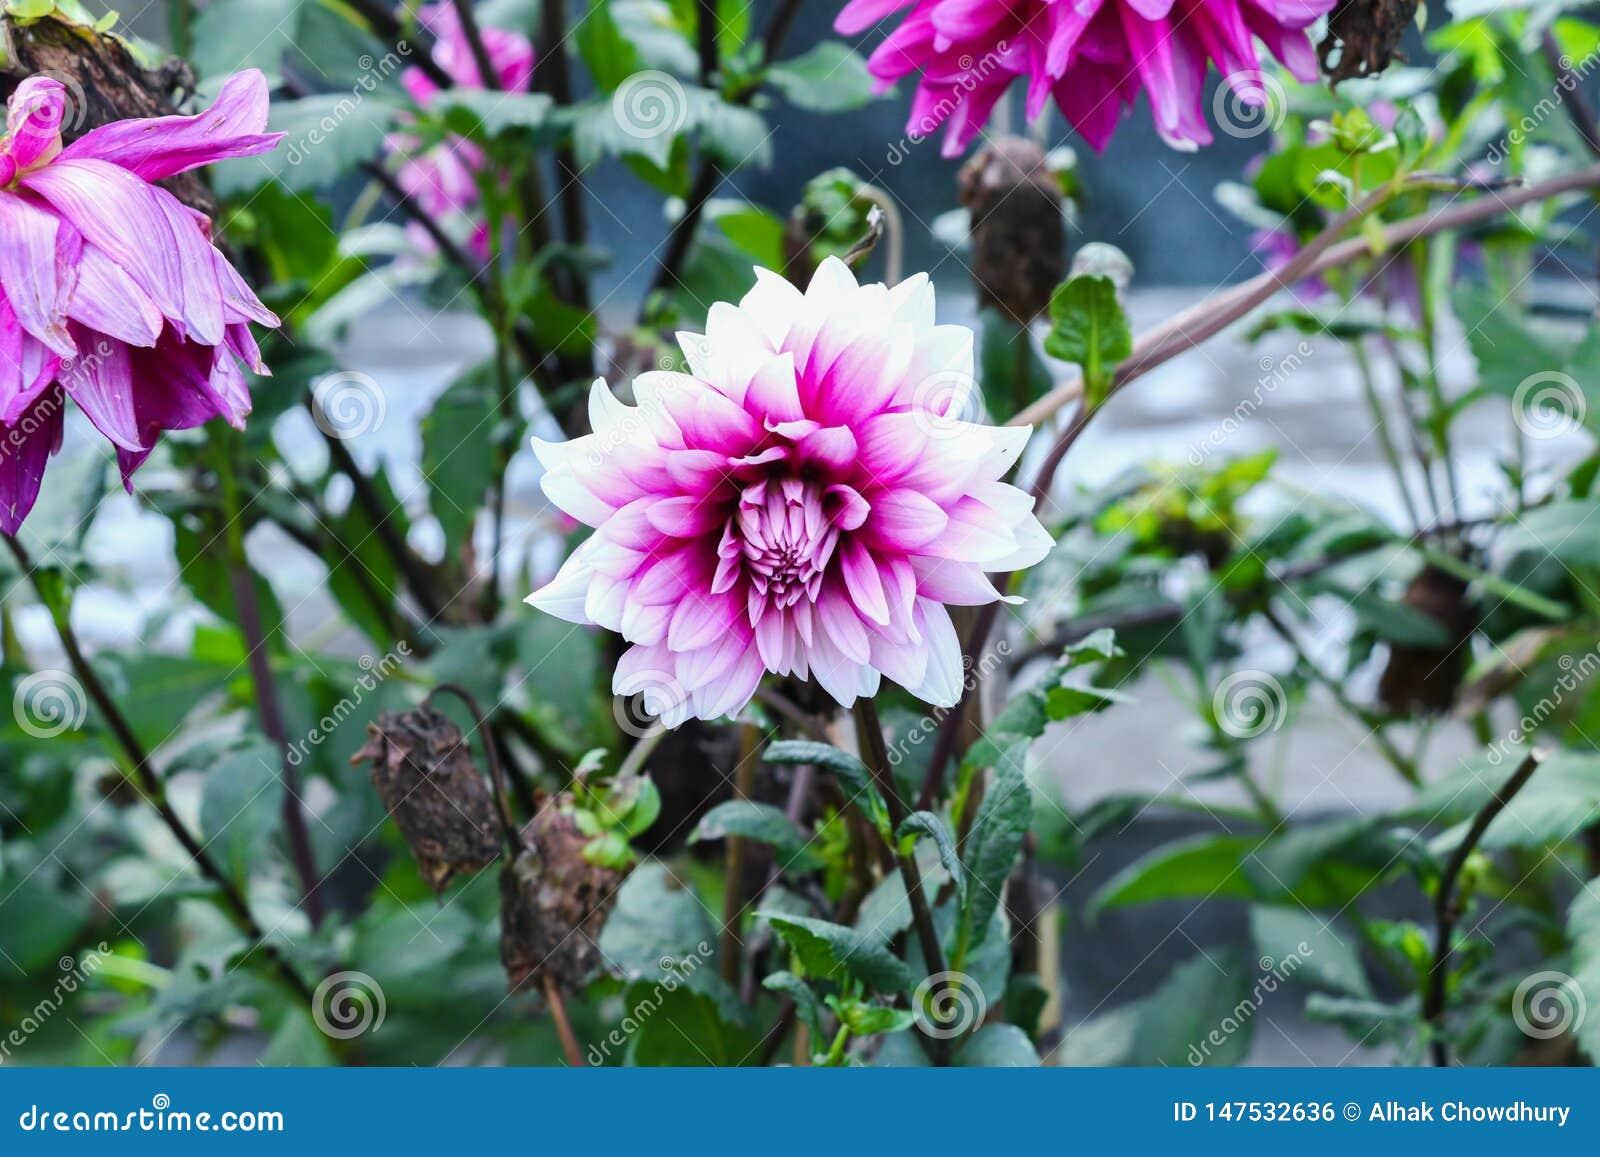 Blume in den Gartengrünblättern und im blaueren Hintergrund